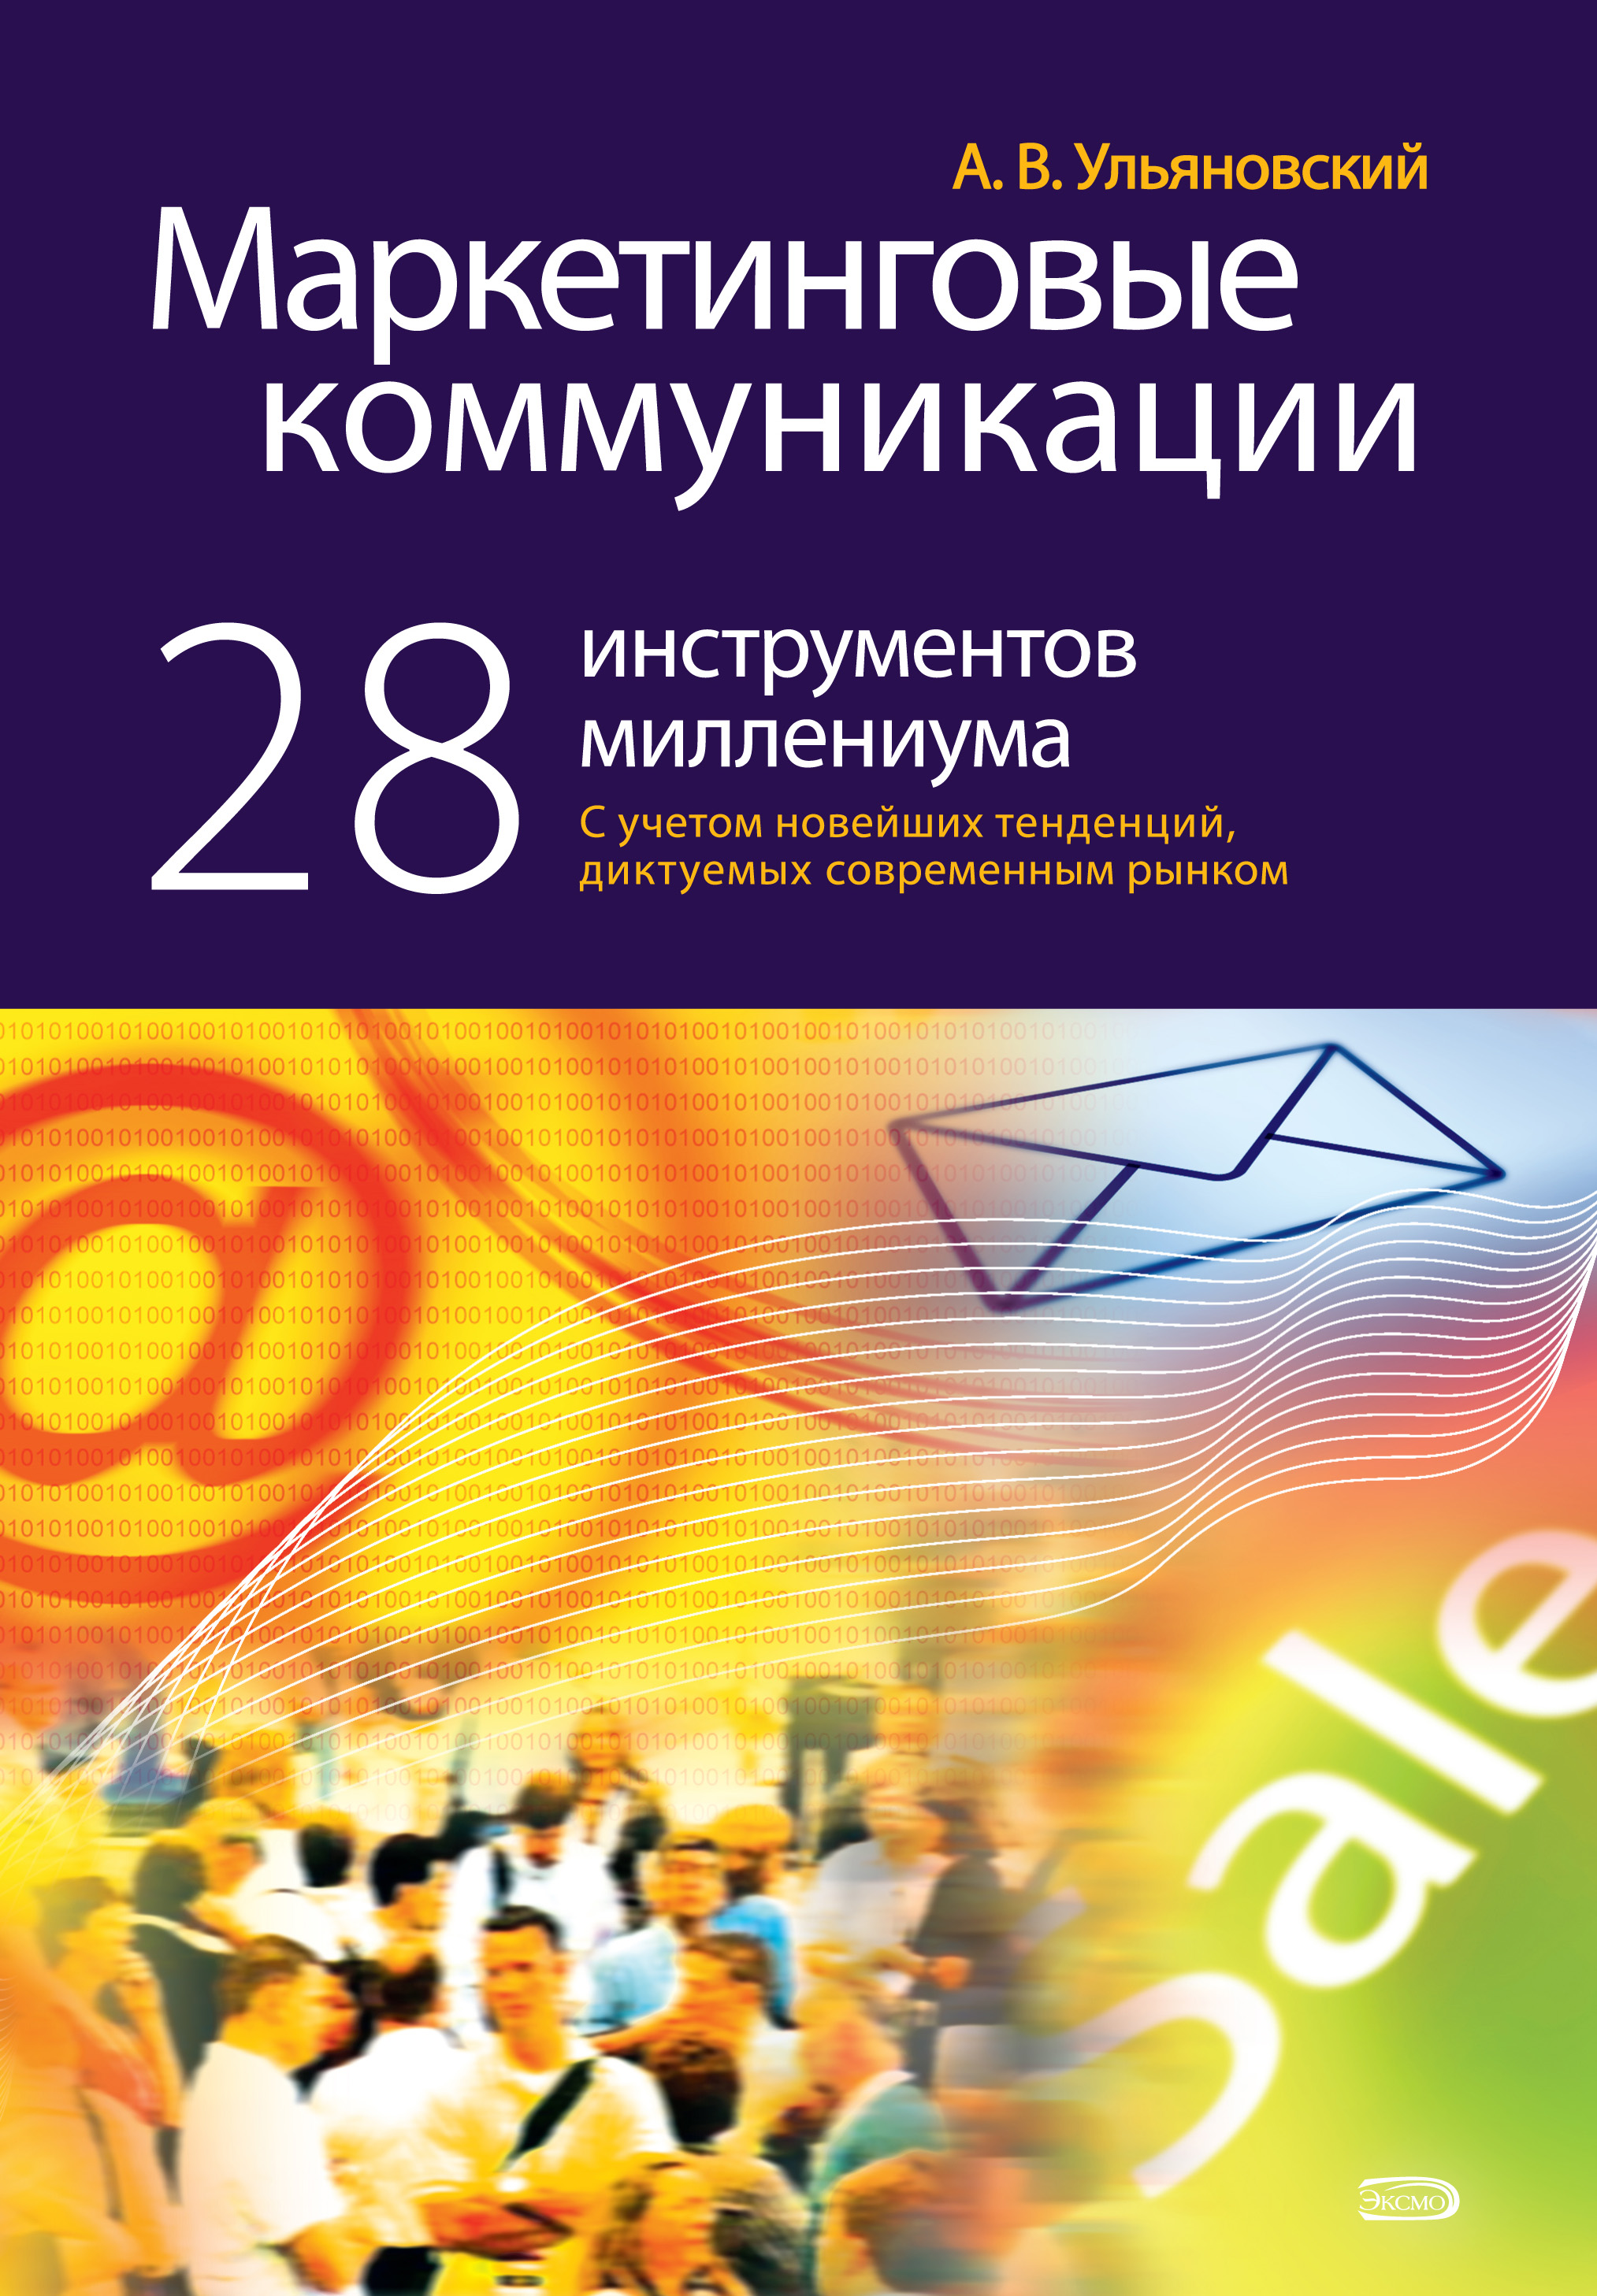 Маркетинговые коммуникации: 28 инструментов миллениума